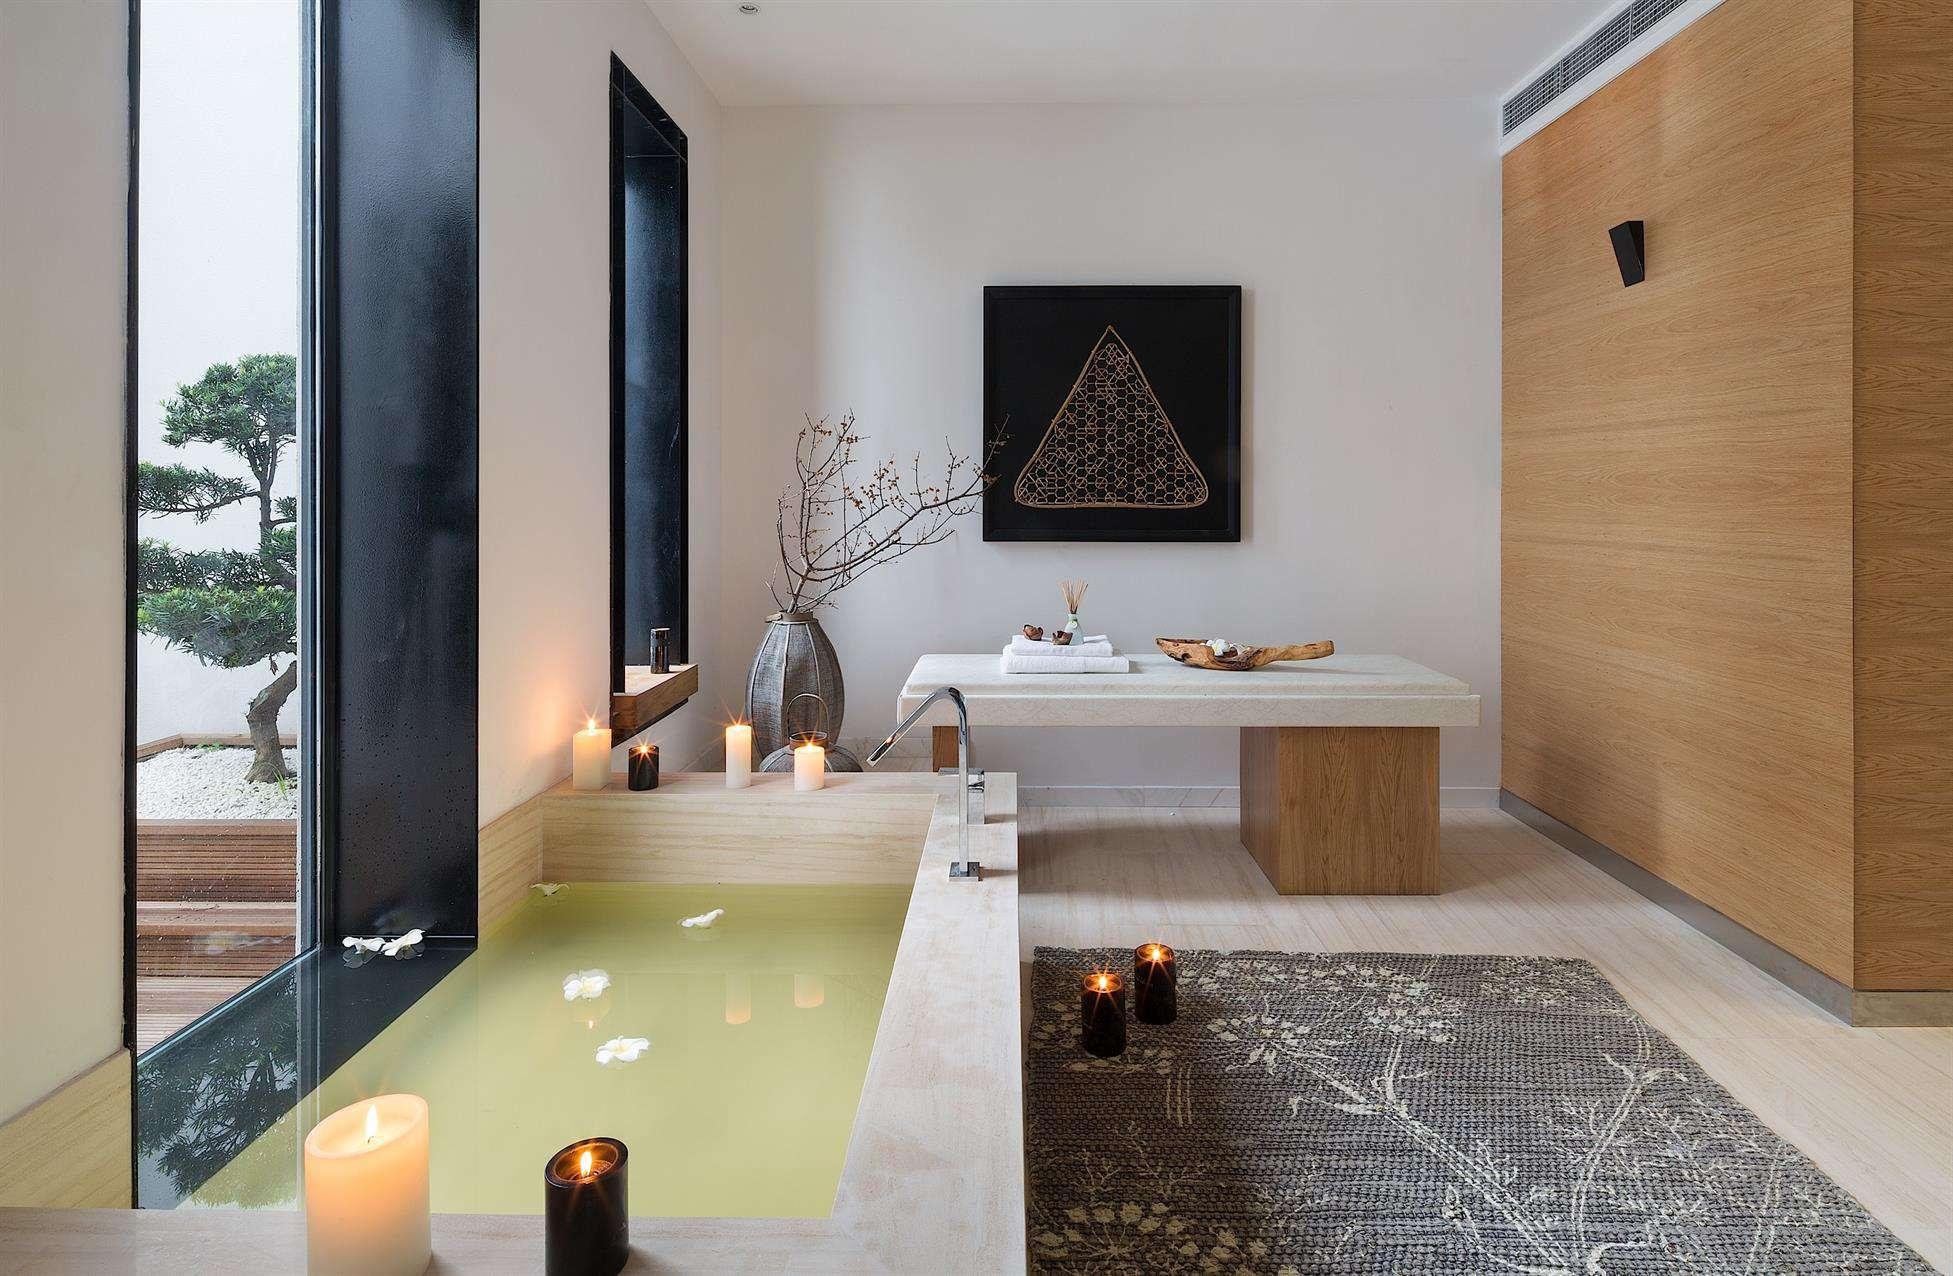 简约实木宜家别墅浴室设计装修效果图